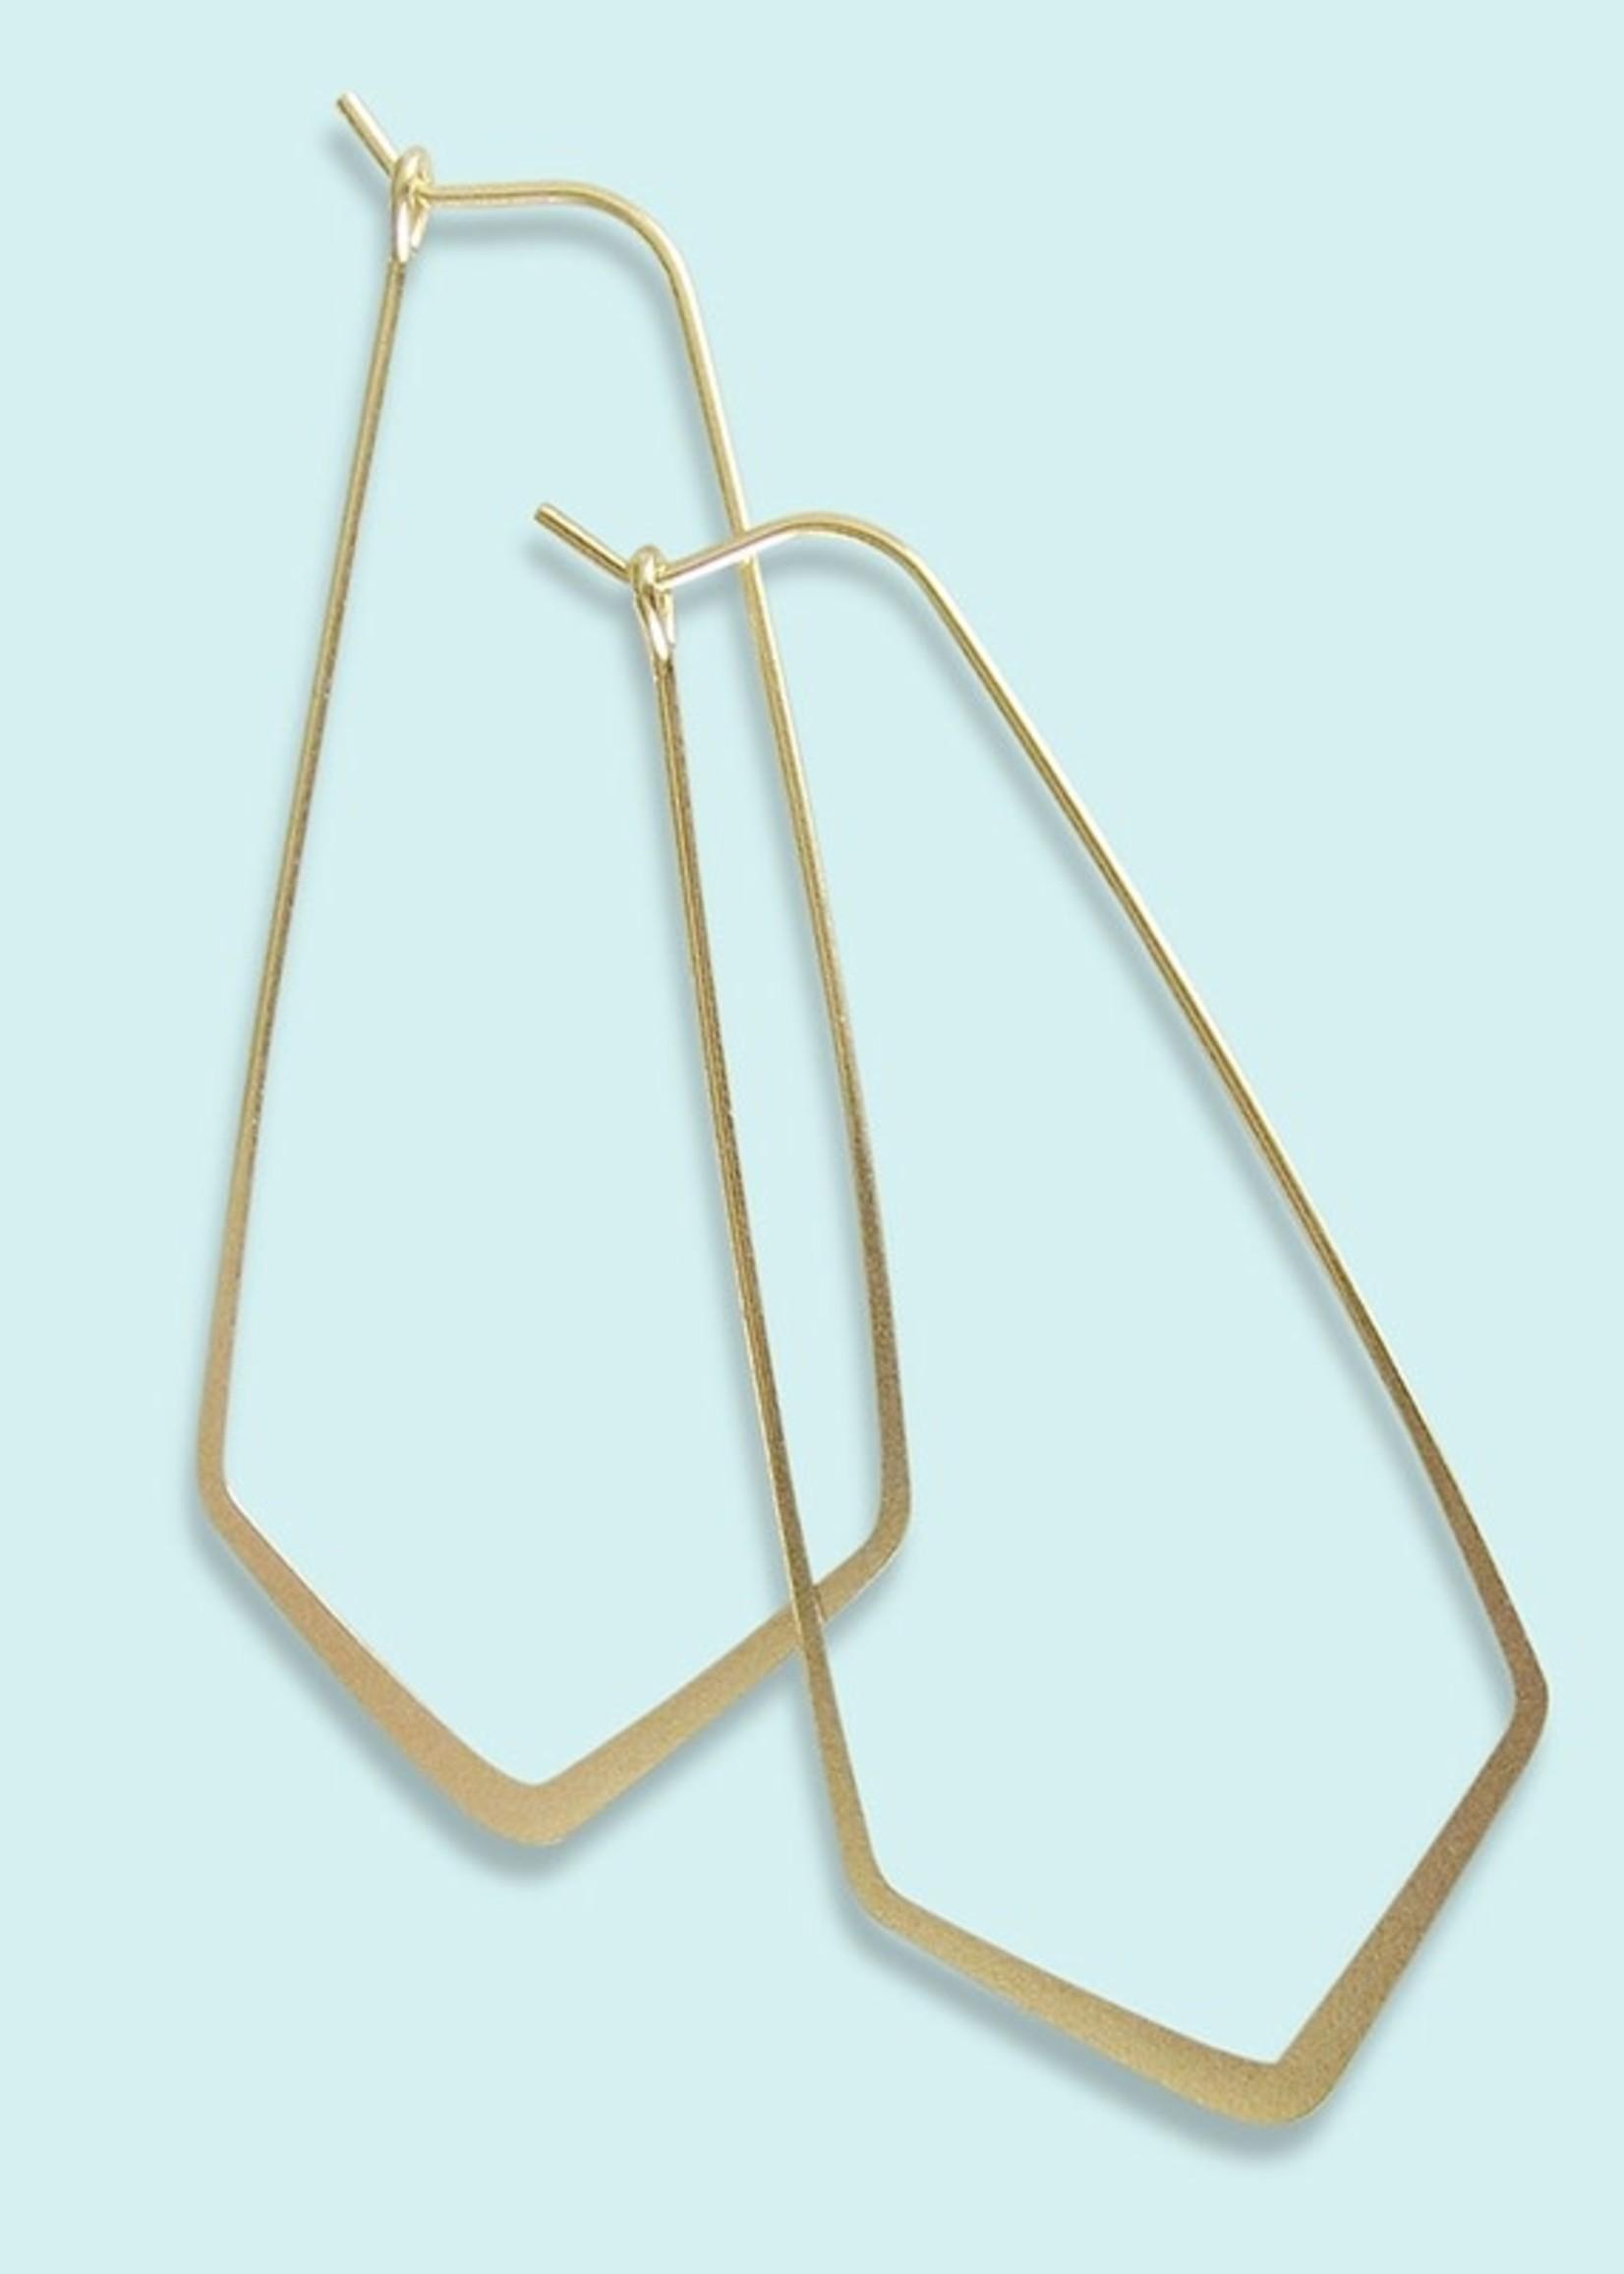 Elongated Diamond Hoop Earrings